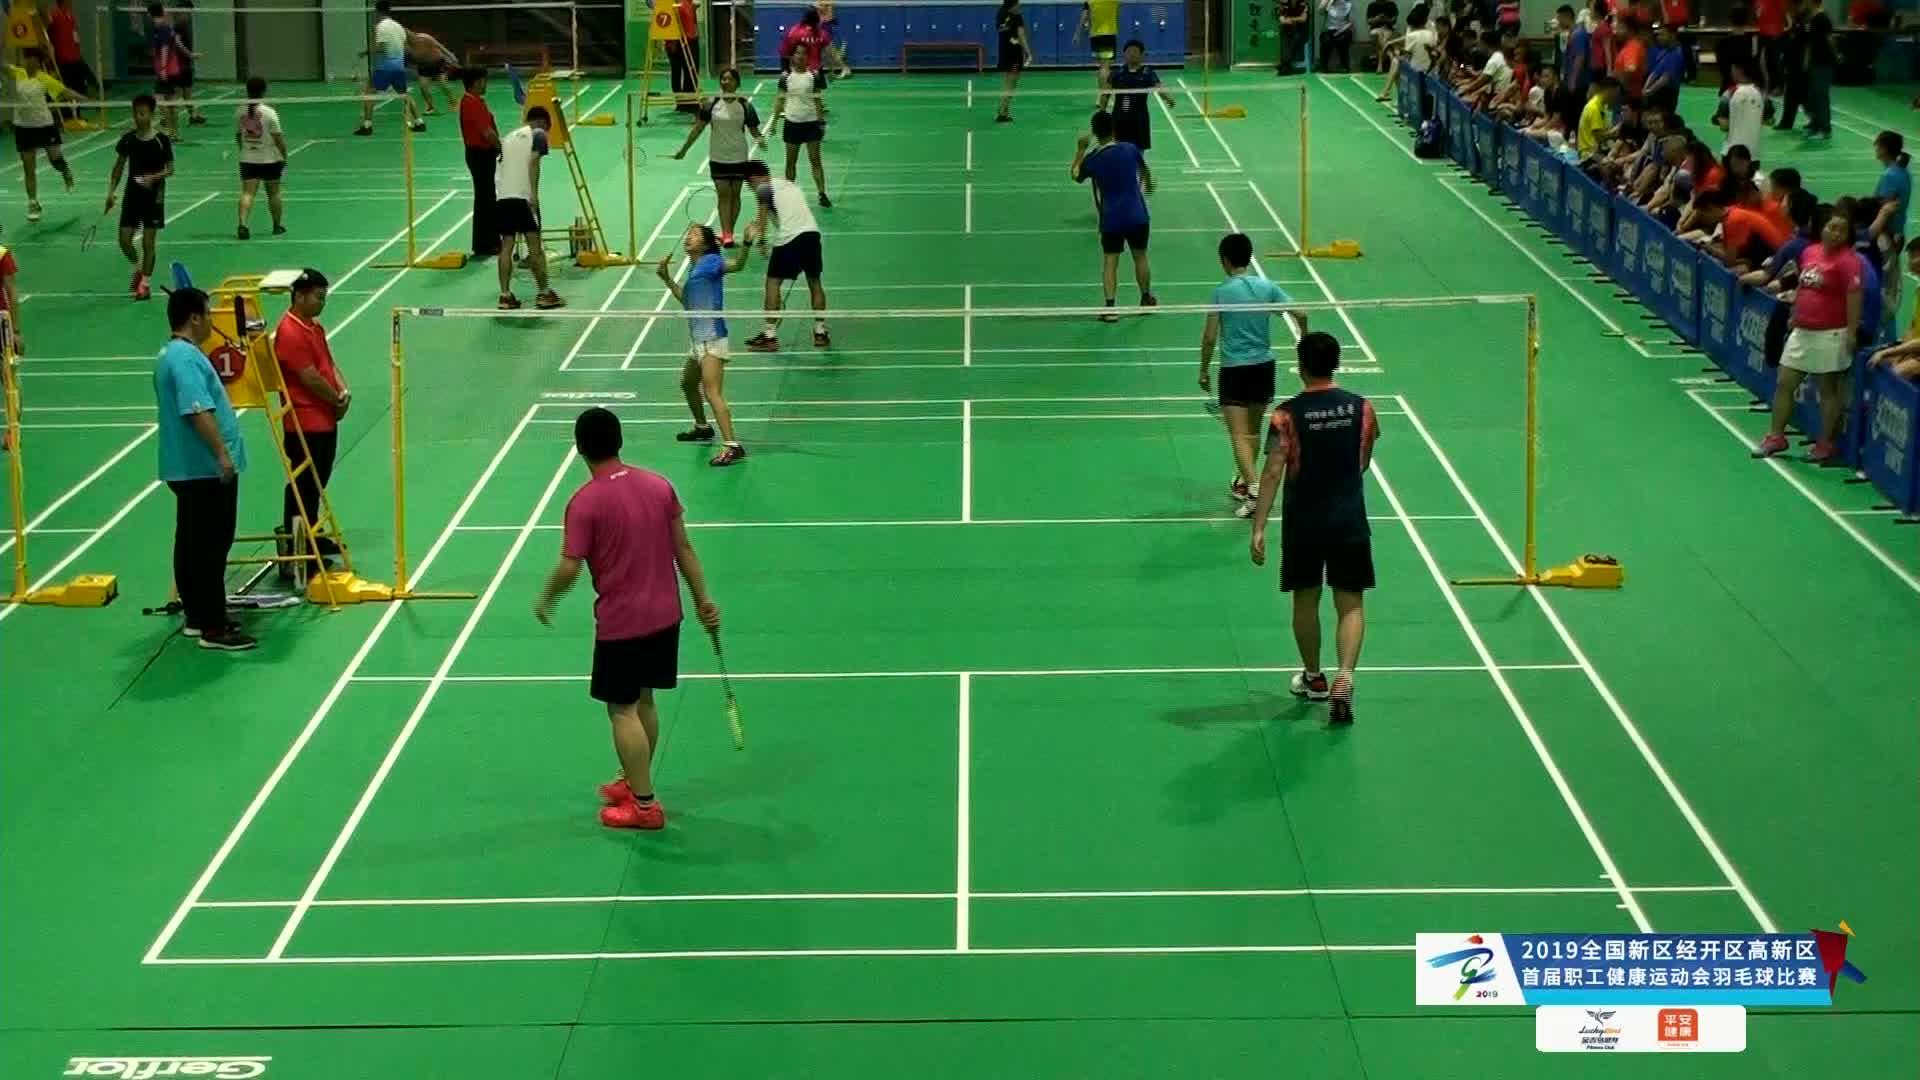 全国新区经开区高新区首届职工健康运动会羽毛球比赛4